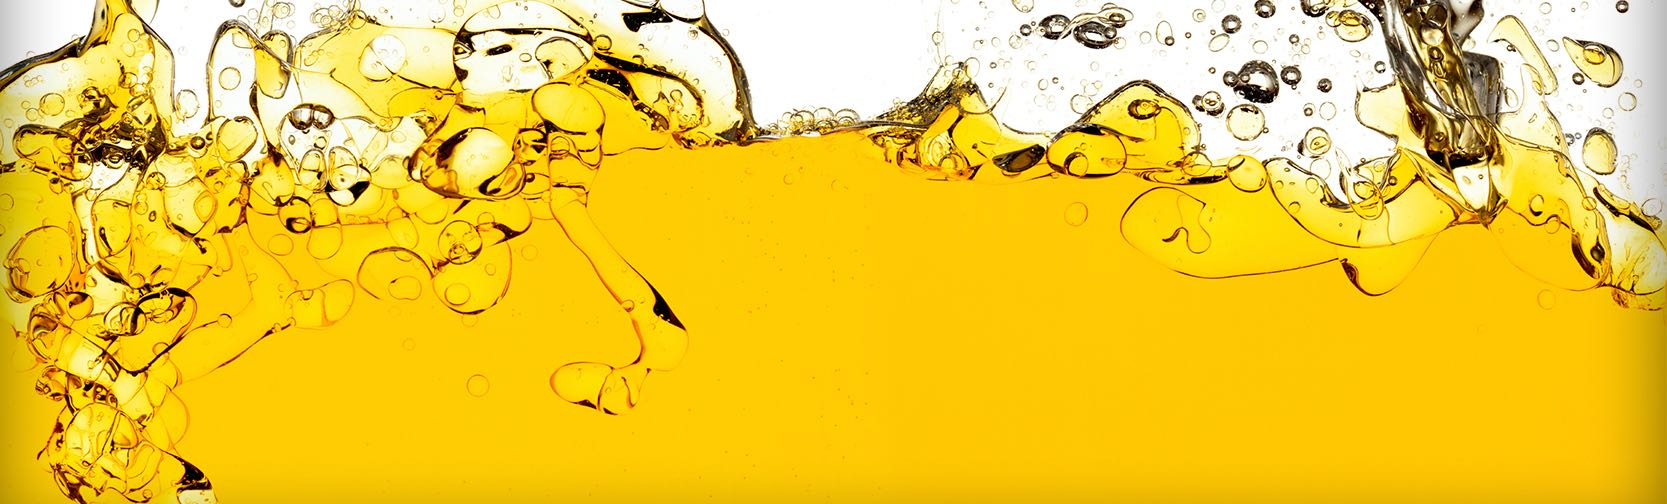 Oil-rolling-spilling-error-pg-c